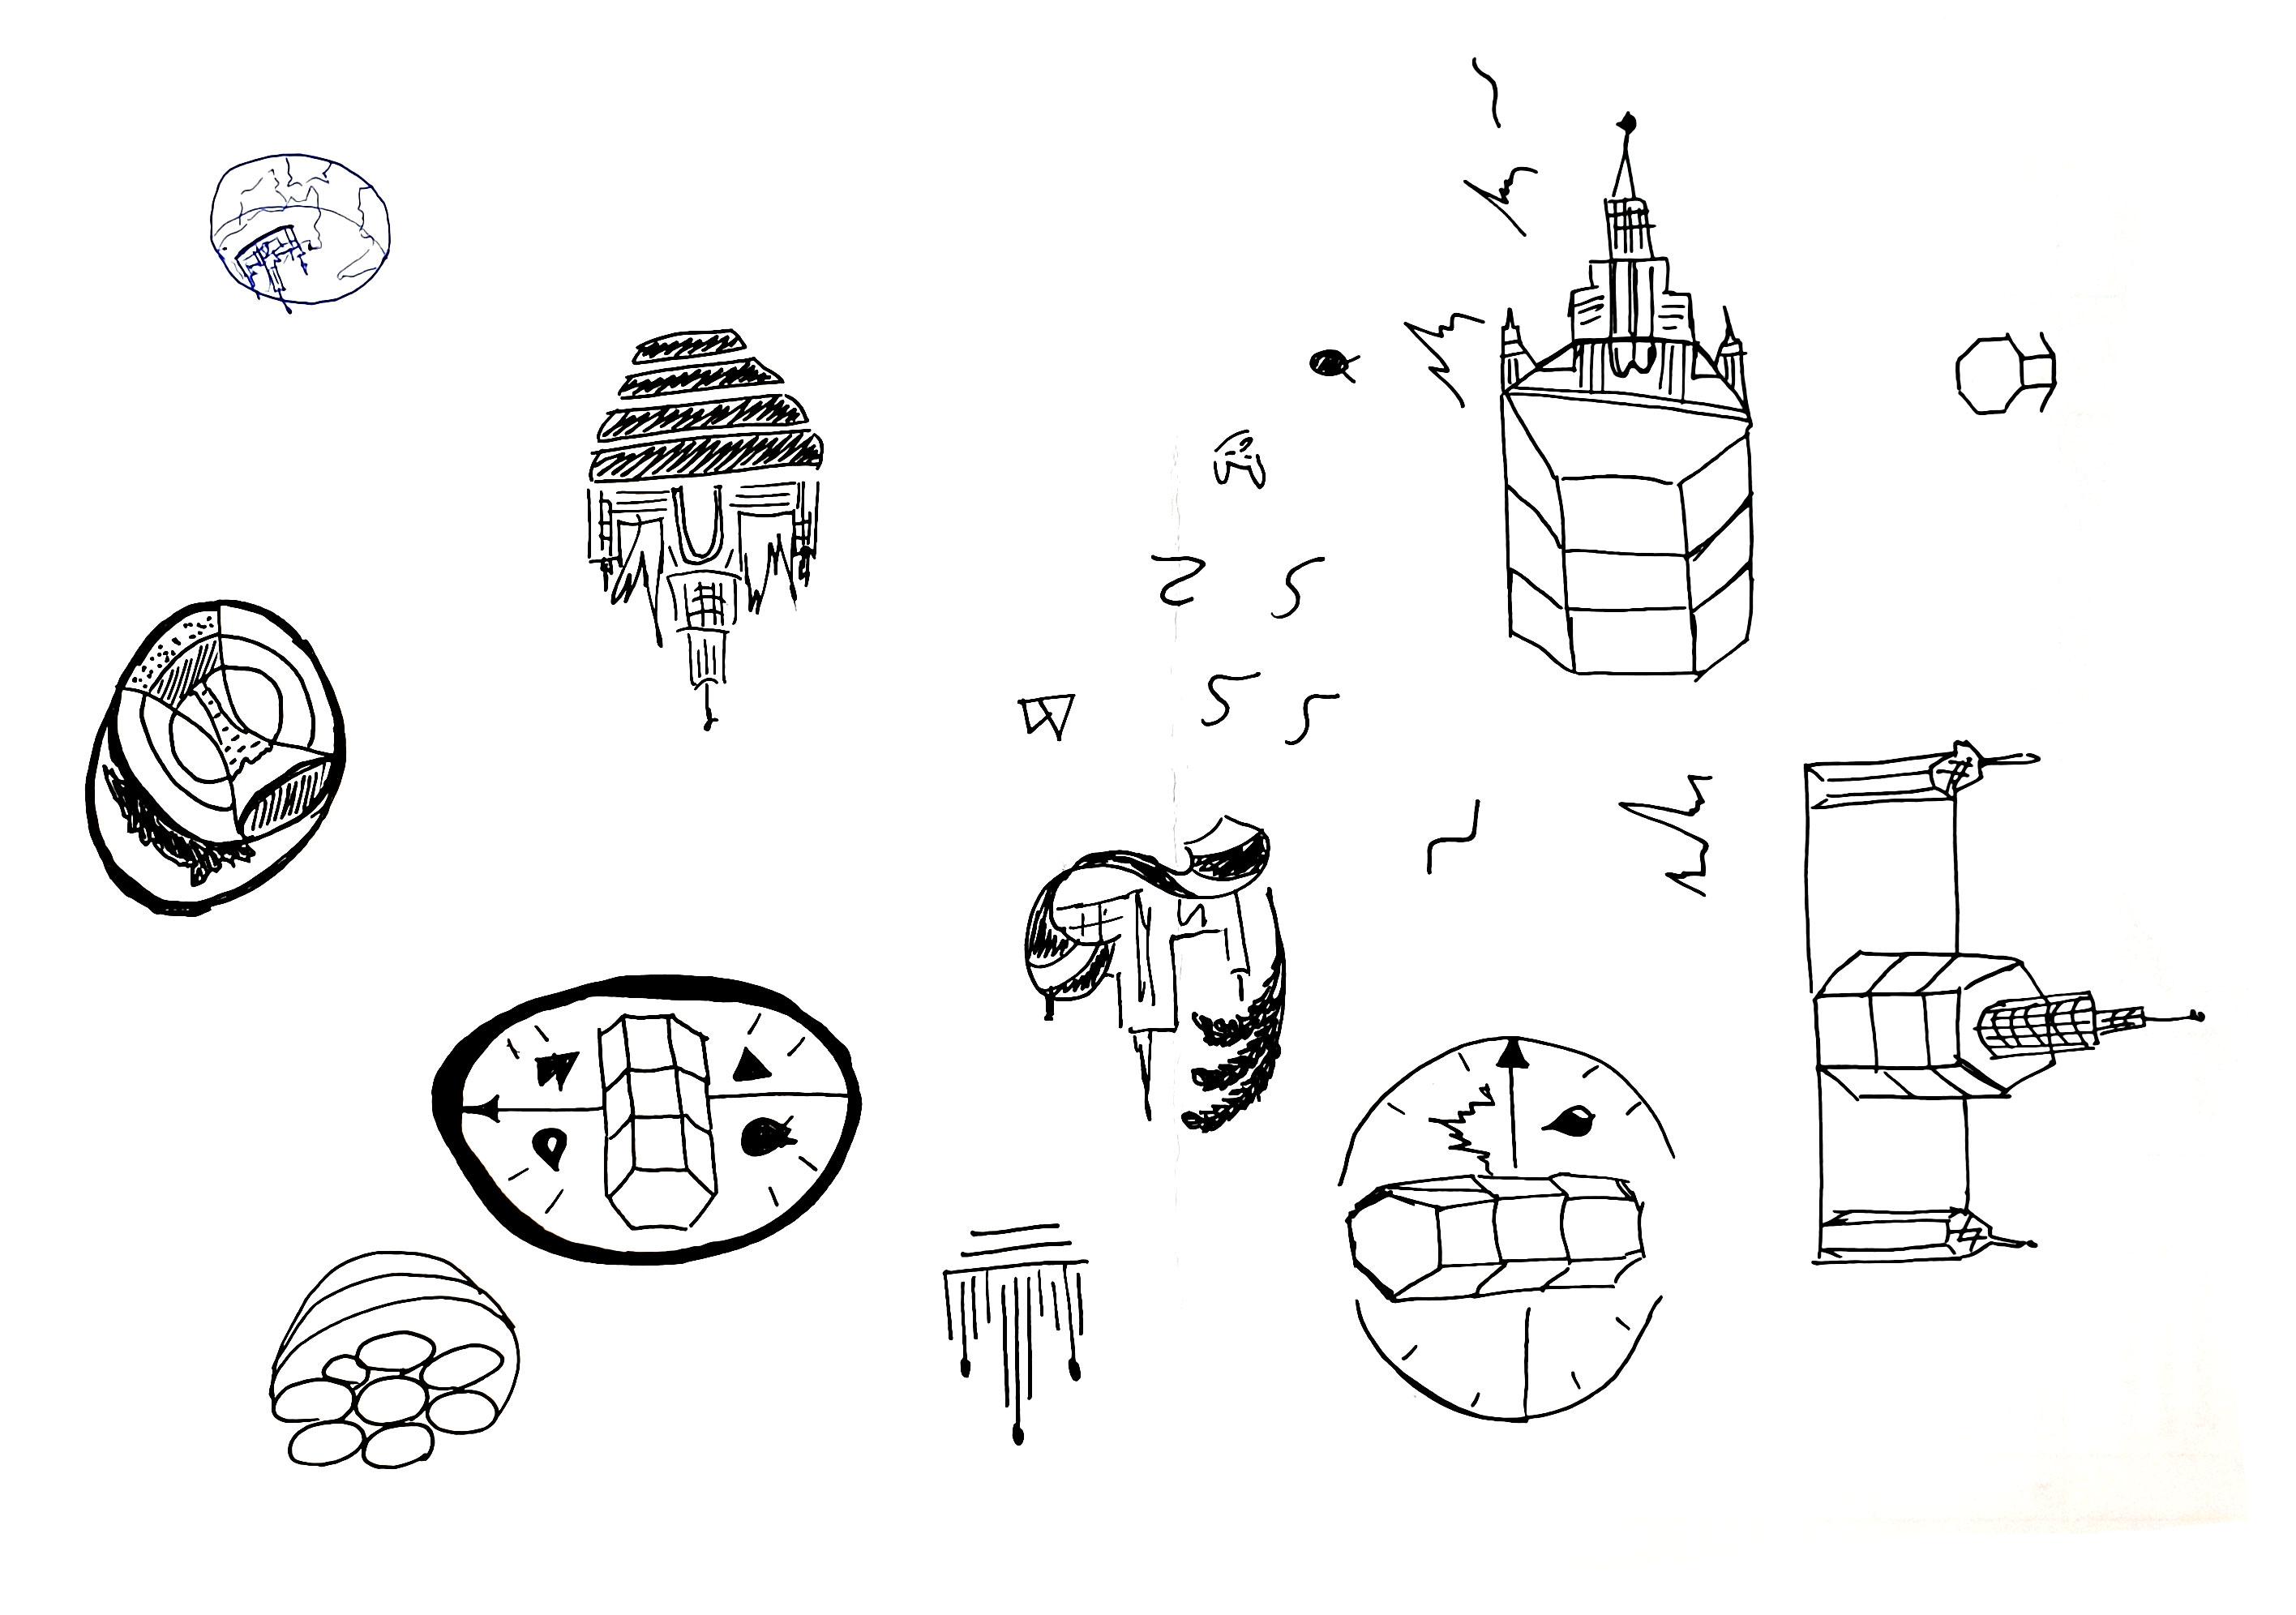 soilmsu-logo-ideas